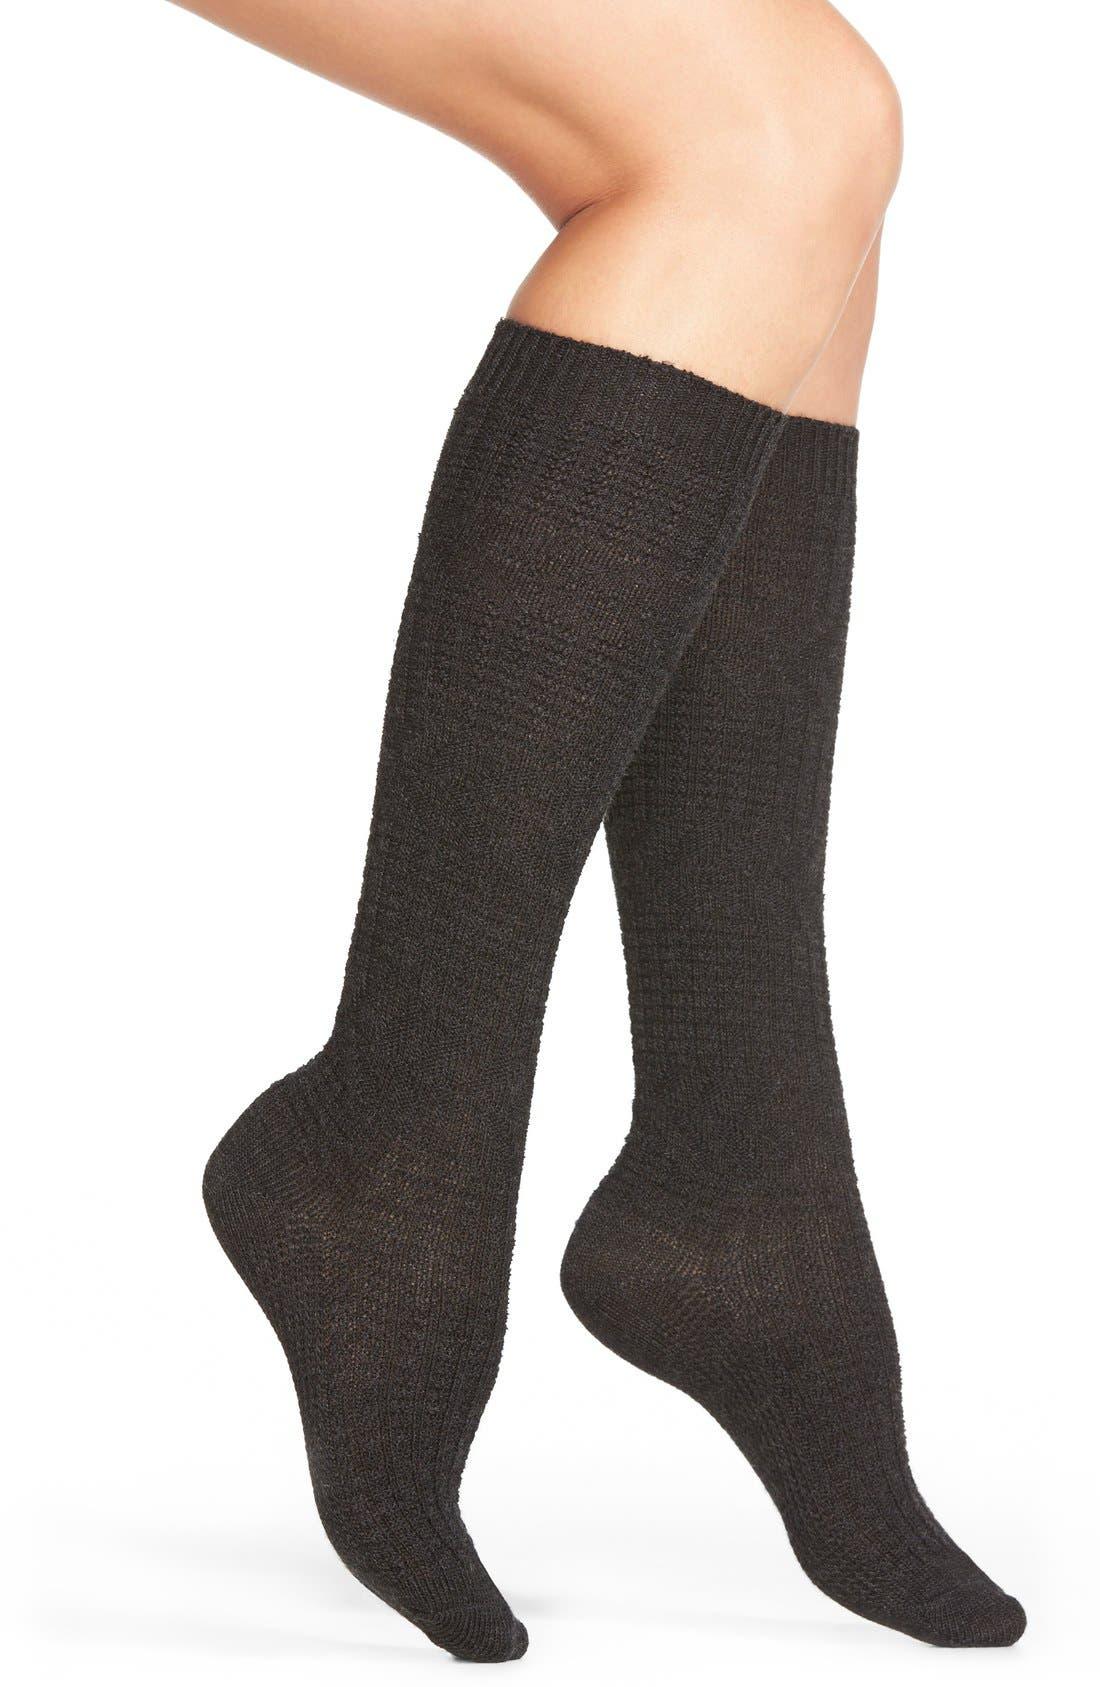 'Wheat Fields' Merino Wool Blend Socks, Main, color, 030